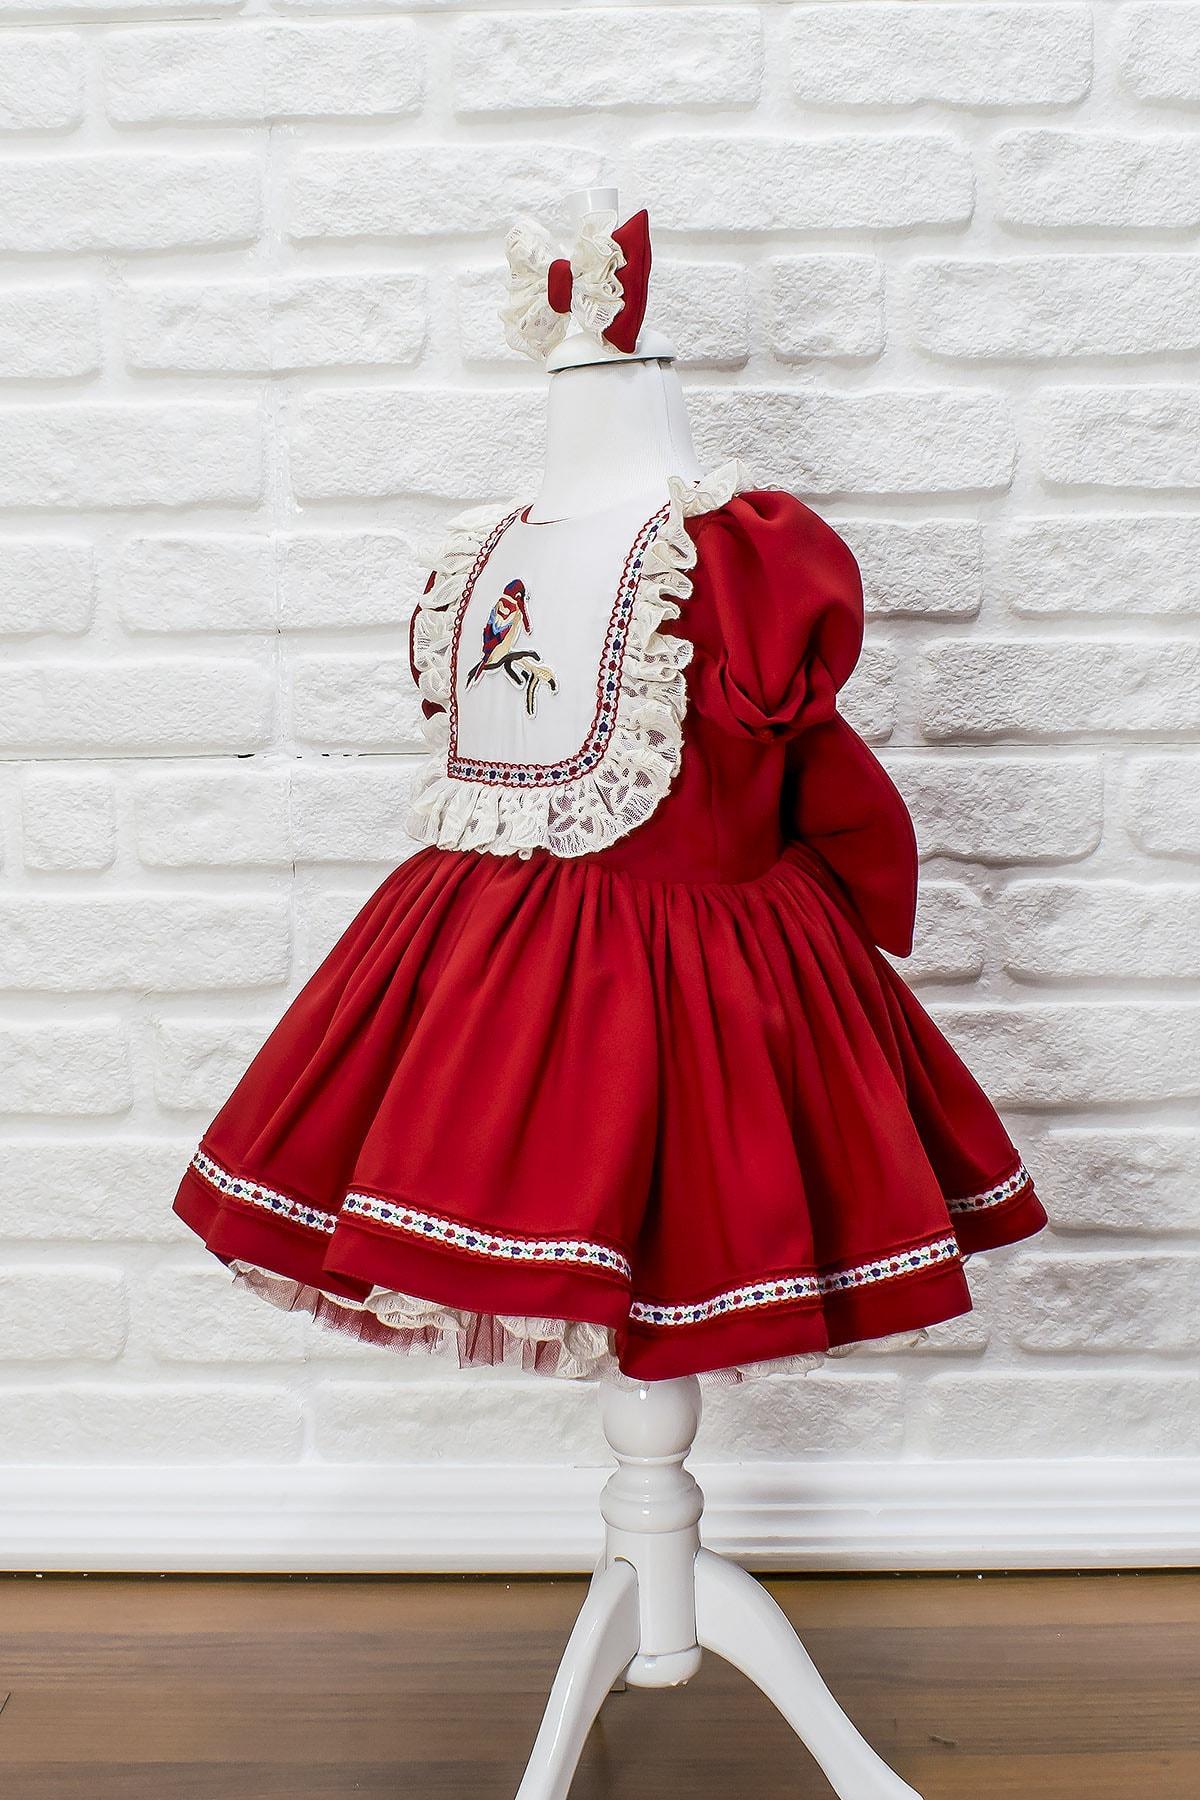 JBK JUST BABY AND KIDS STORE Çocuk Kuş Nakışlı Dantel Detaylı Kırmızı Elbise 2